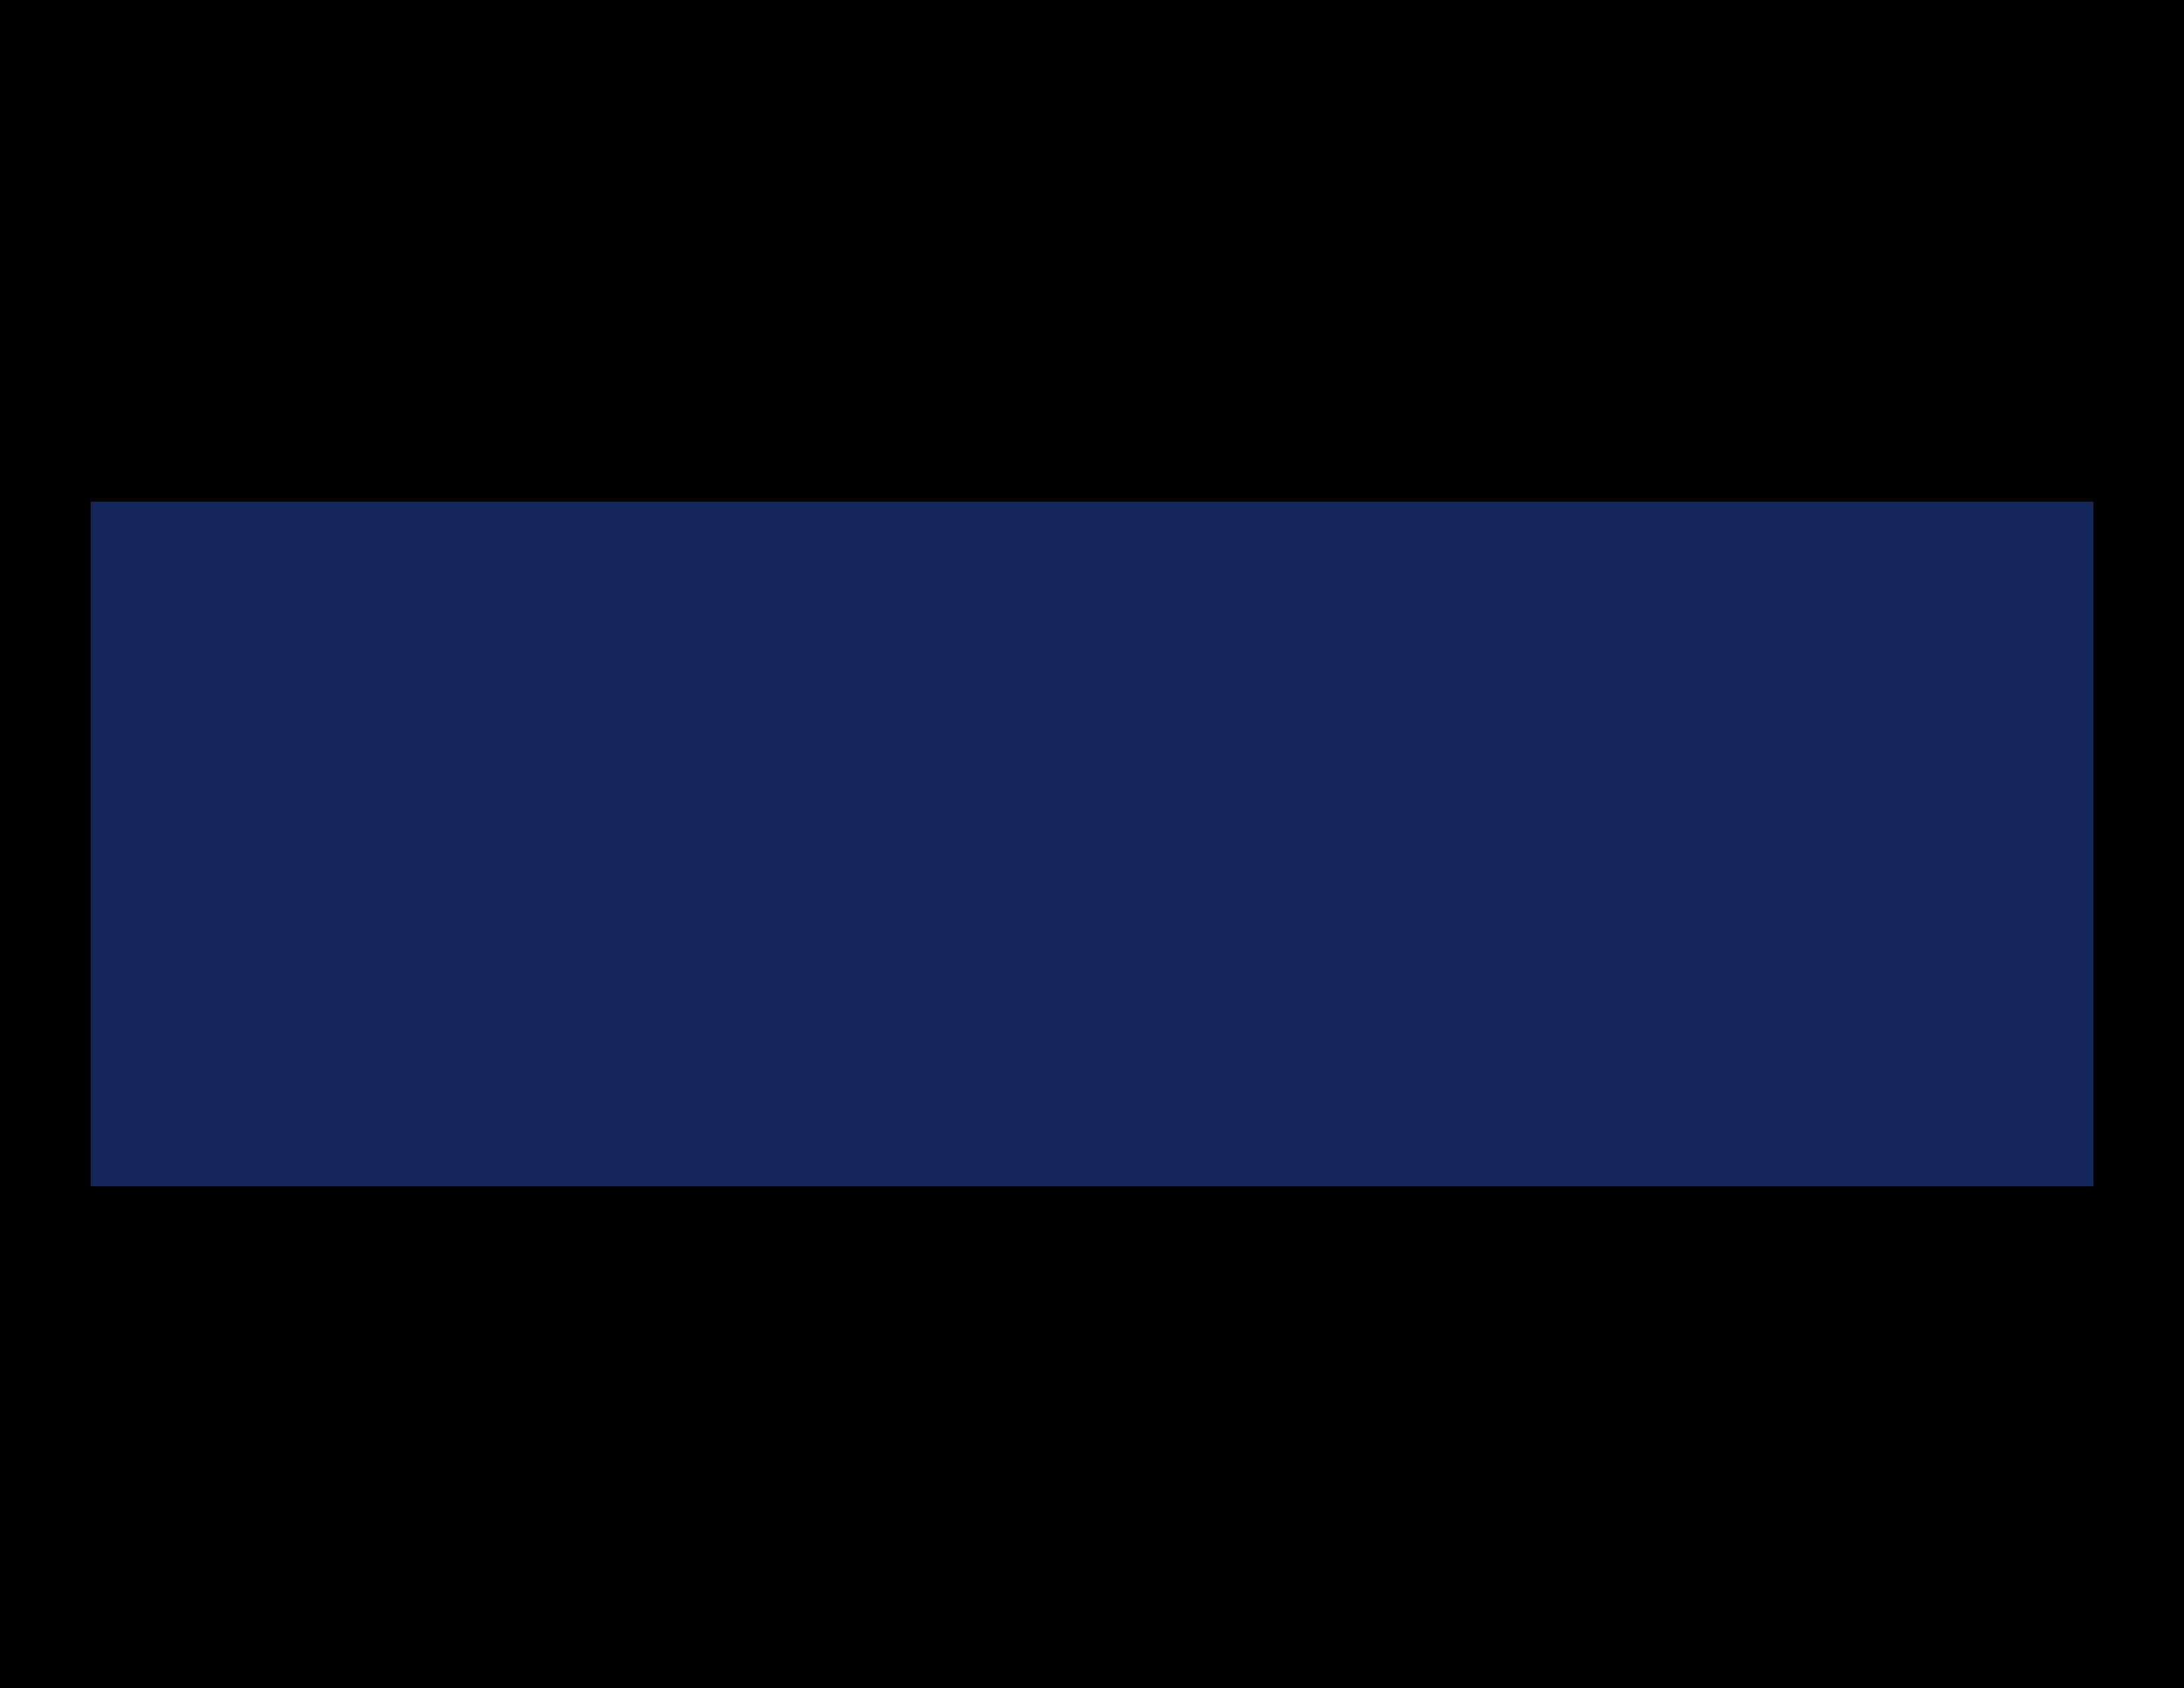 EVOO logo